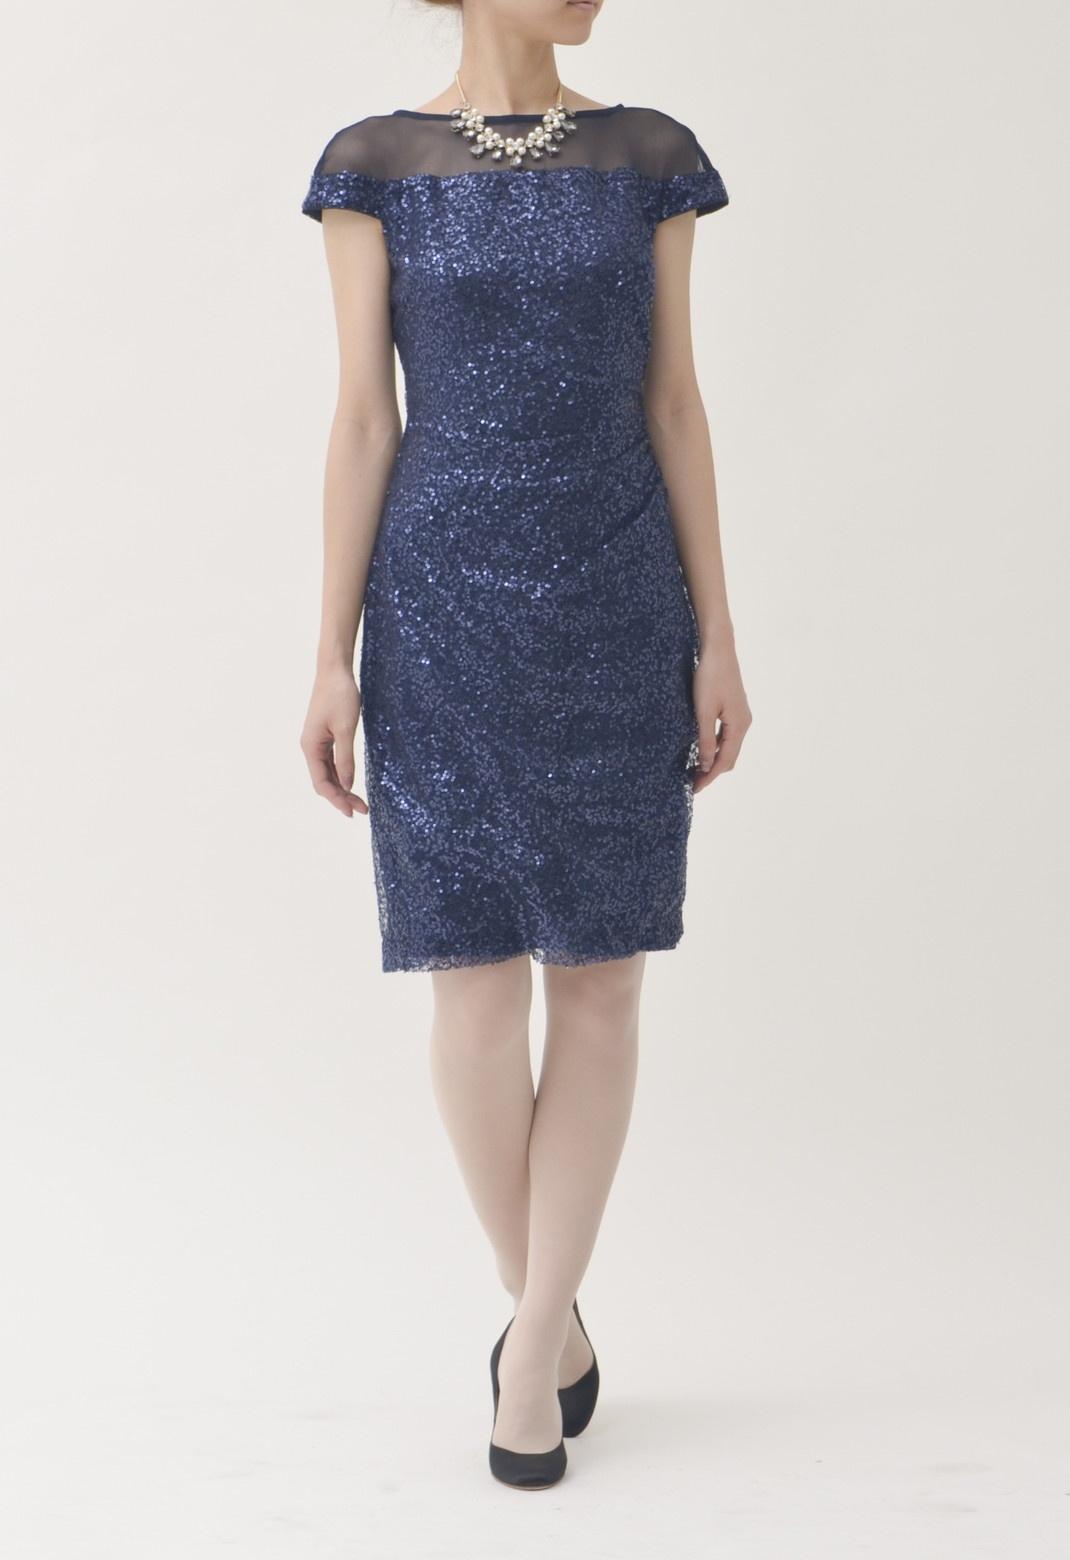 シースルー×スパンコール 半袖 ドレス